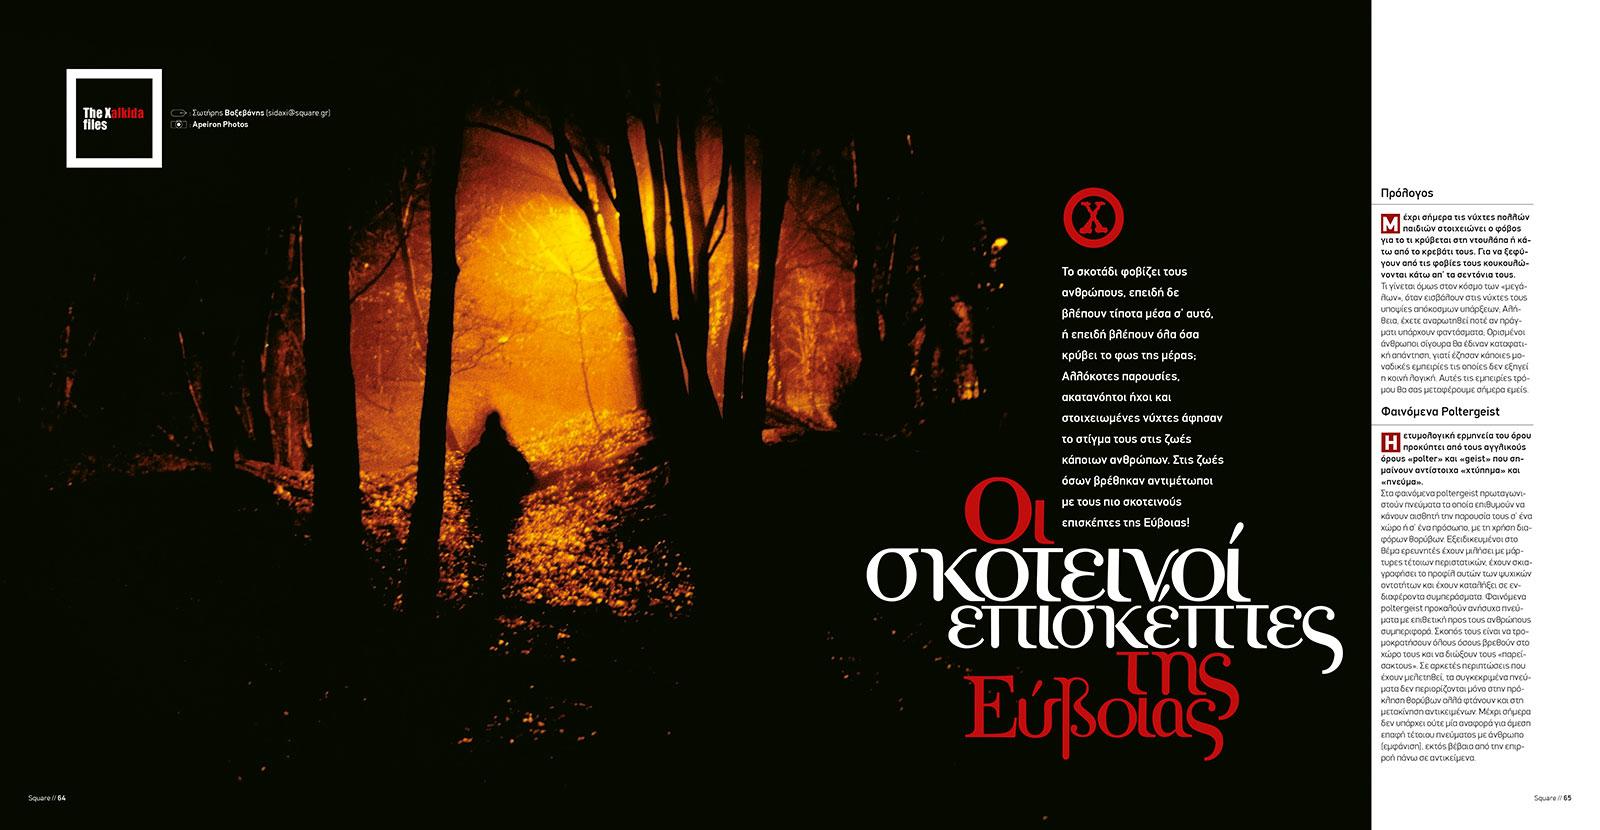 7-Οι-σκοτεινοί-επισκέπτες-της-Εύβοιας